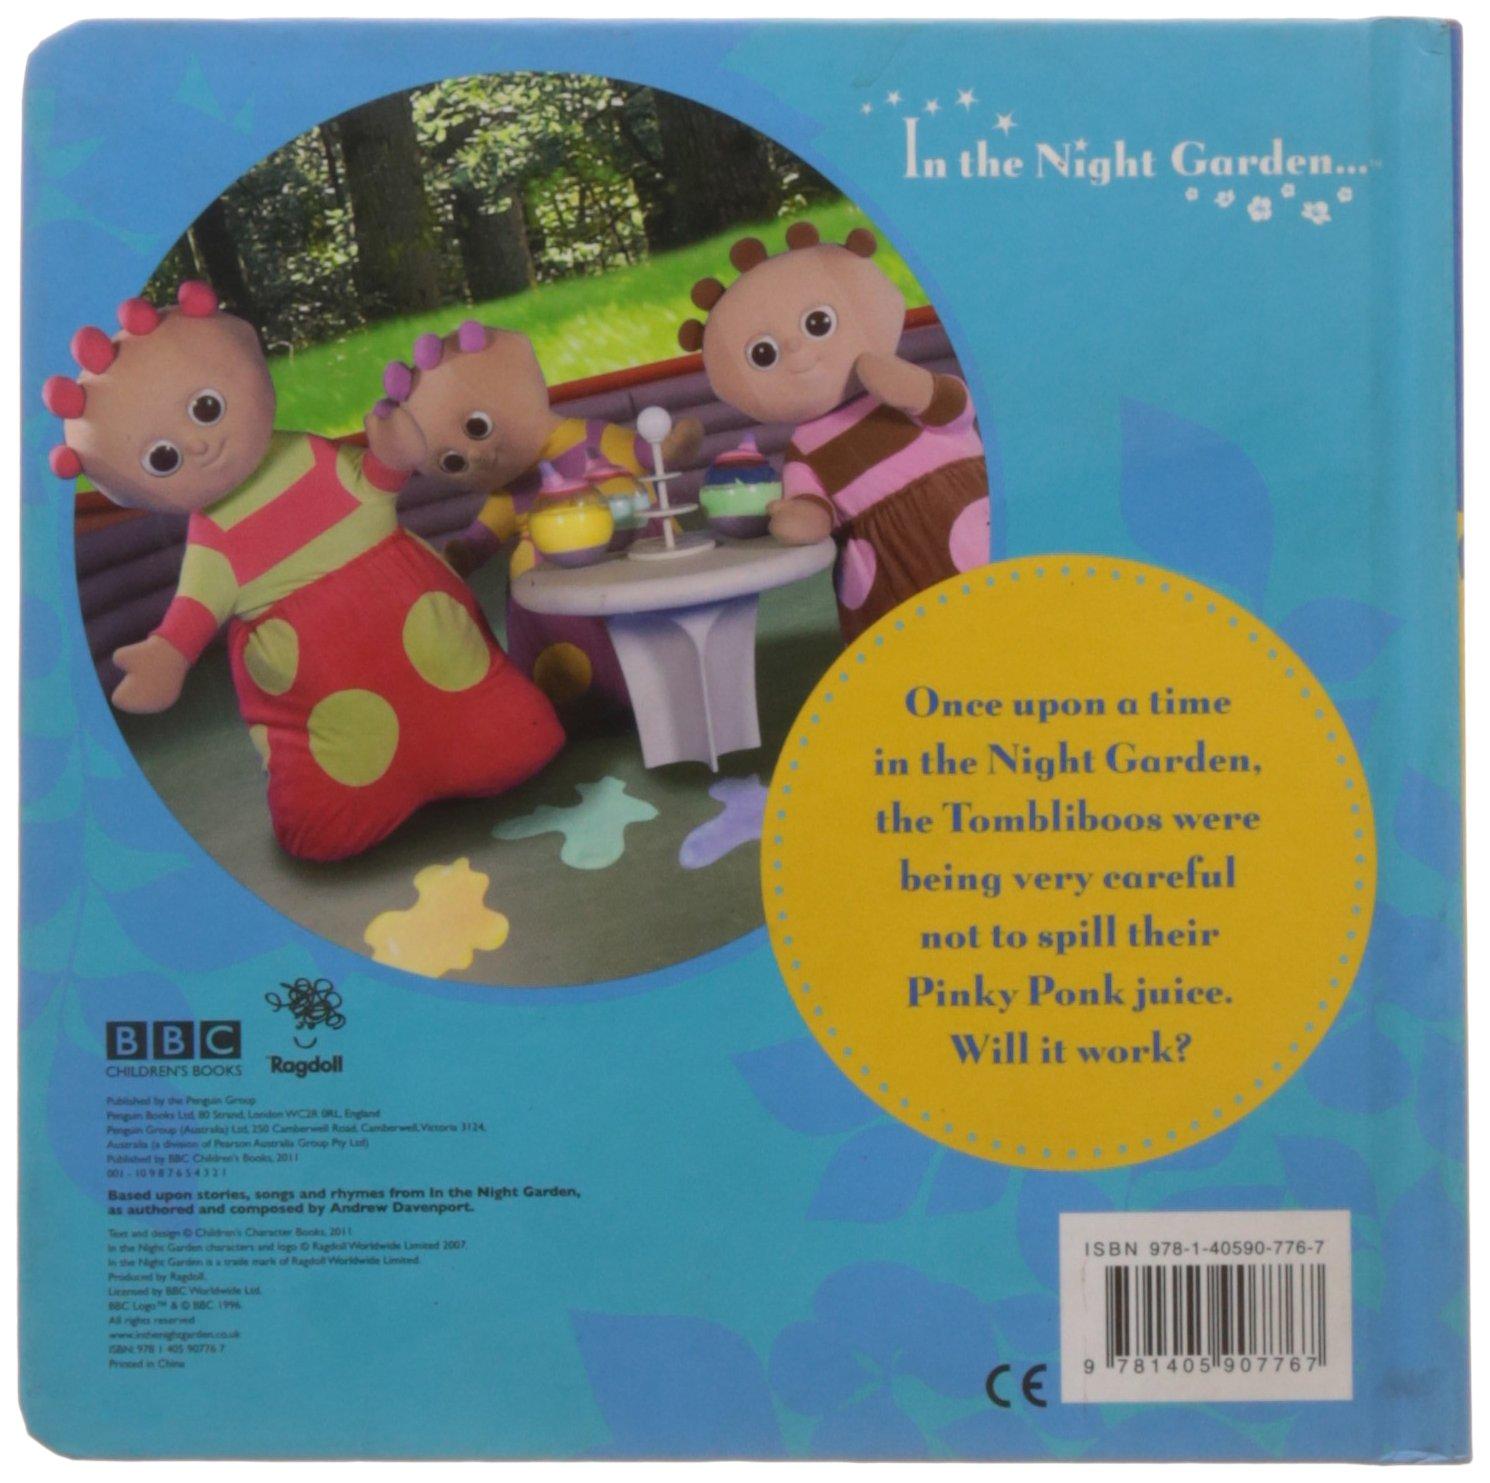 Pinky Ponk Juice Everywhere!.: Andrew Davenport: 9781405907767: Amazon.com:  Books